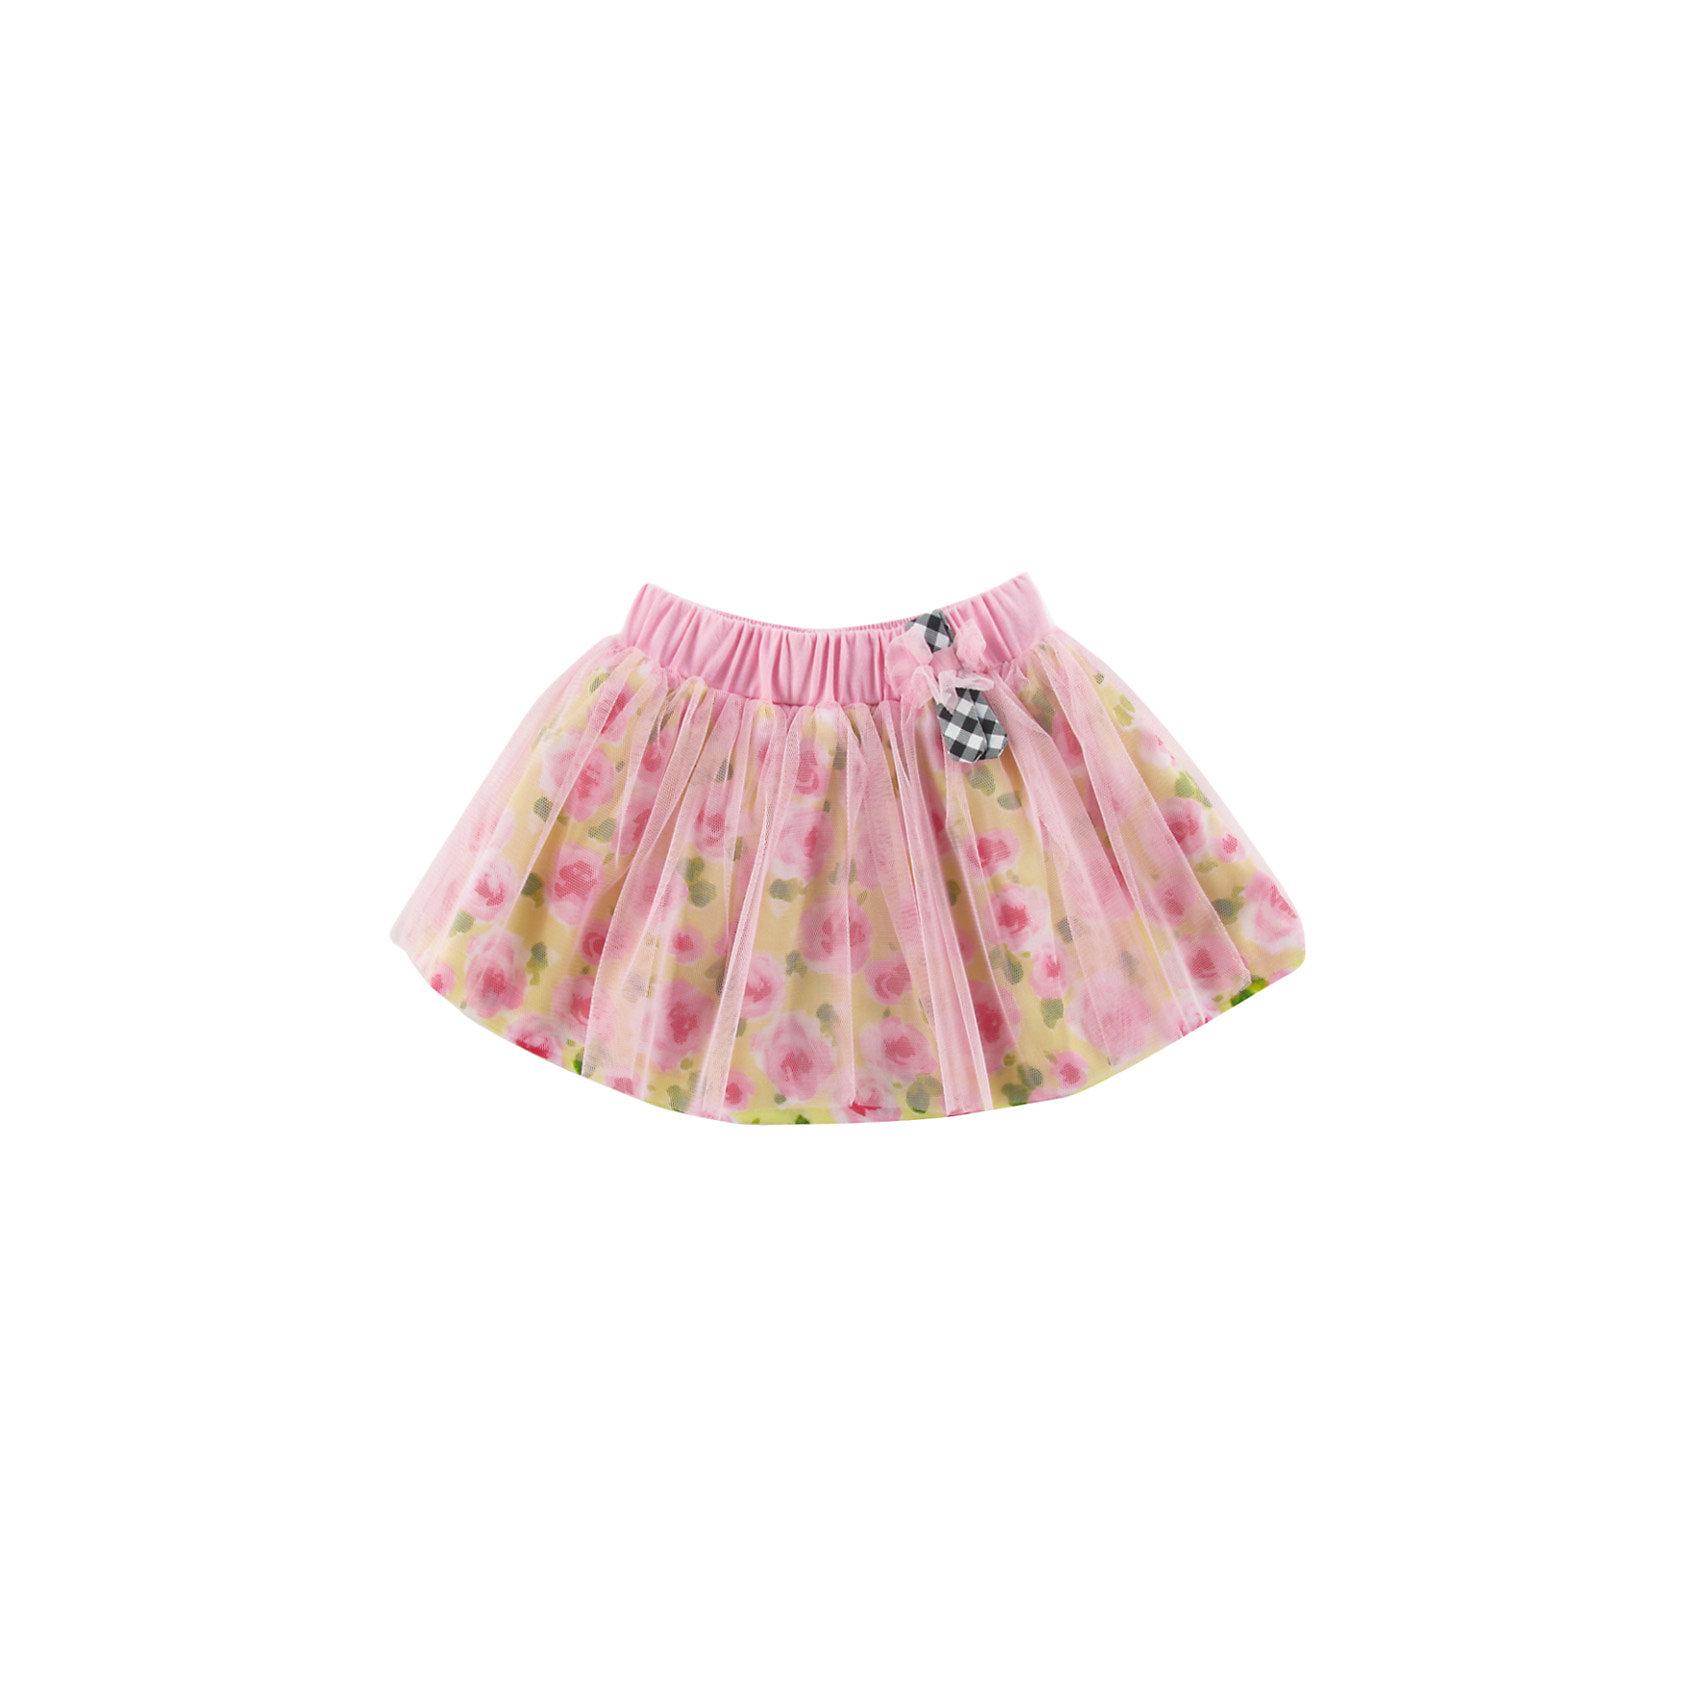 Юбка для девочки WojcikЮбки<br>Характеристики товара:<br><br>• цвет: розовый<br>• состав ткани: хлопок<br>• пояс: резинка<br>• сезон: лето<br>• страна бренда: Польша<br>• страна изготовитель: Польша<br><br>Эта модель детской одежды сделана из качественного материала, есть подкладка. Розовая юбка для девочки Wojcik - удобная и модная школьная одежда. <br><br>Эта юбка для девочки Войчик отличается модным кроем, пышным силуэтом. Польская одежда для детей от бренда Войчик - это качественные и стильные вещи.<br><br>Юбку для девочки Wojcik (Войчик) можно купить в нашем интернет-магазине.<br><br>Ширина мм: 207<br>Глубина мм: 10<br>Высота мм: 189<br>Вес г: 183<br>Цвет: разноцветный<br>Возраст от месяцев: 3<br>Возраст до месяцев: 6<br>Пол: Женский<br>Возраст: Детский<br>Размер: 68<br>SKU: 5588303